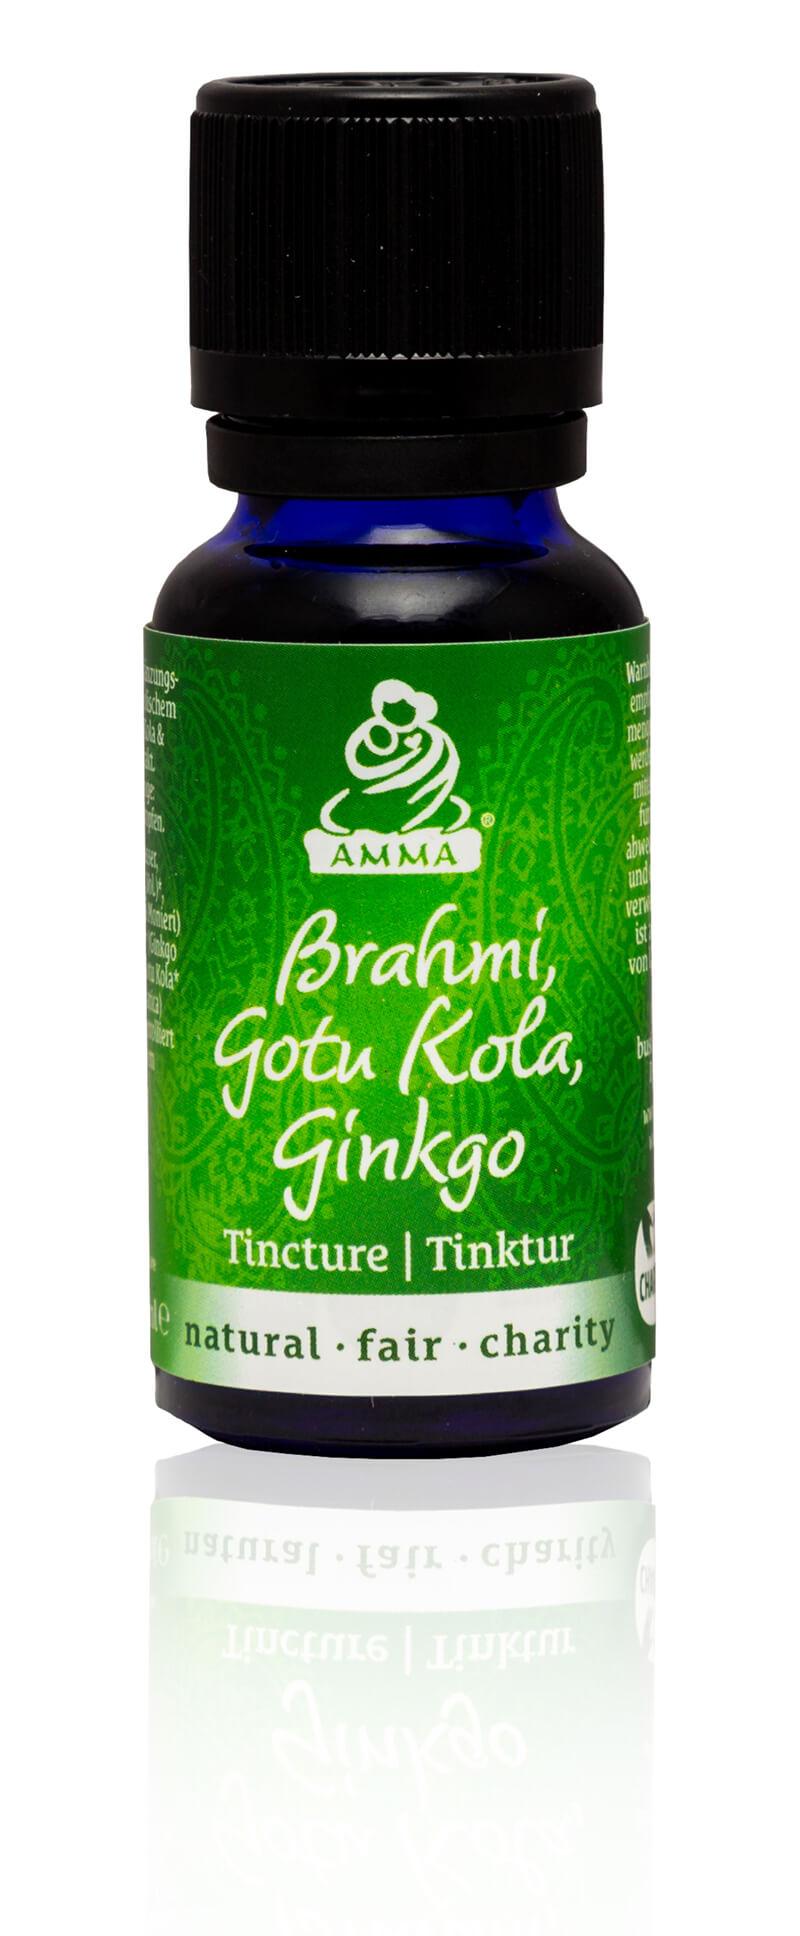 Brahmi, Gotu Kola & Gingko Tincture, organic